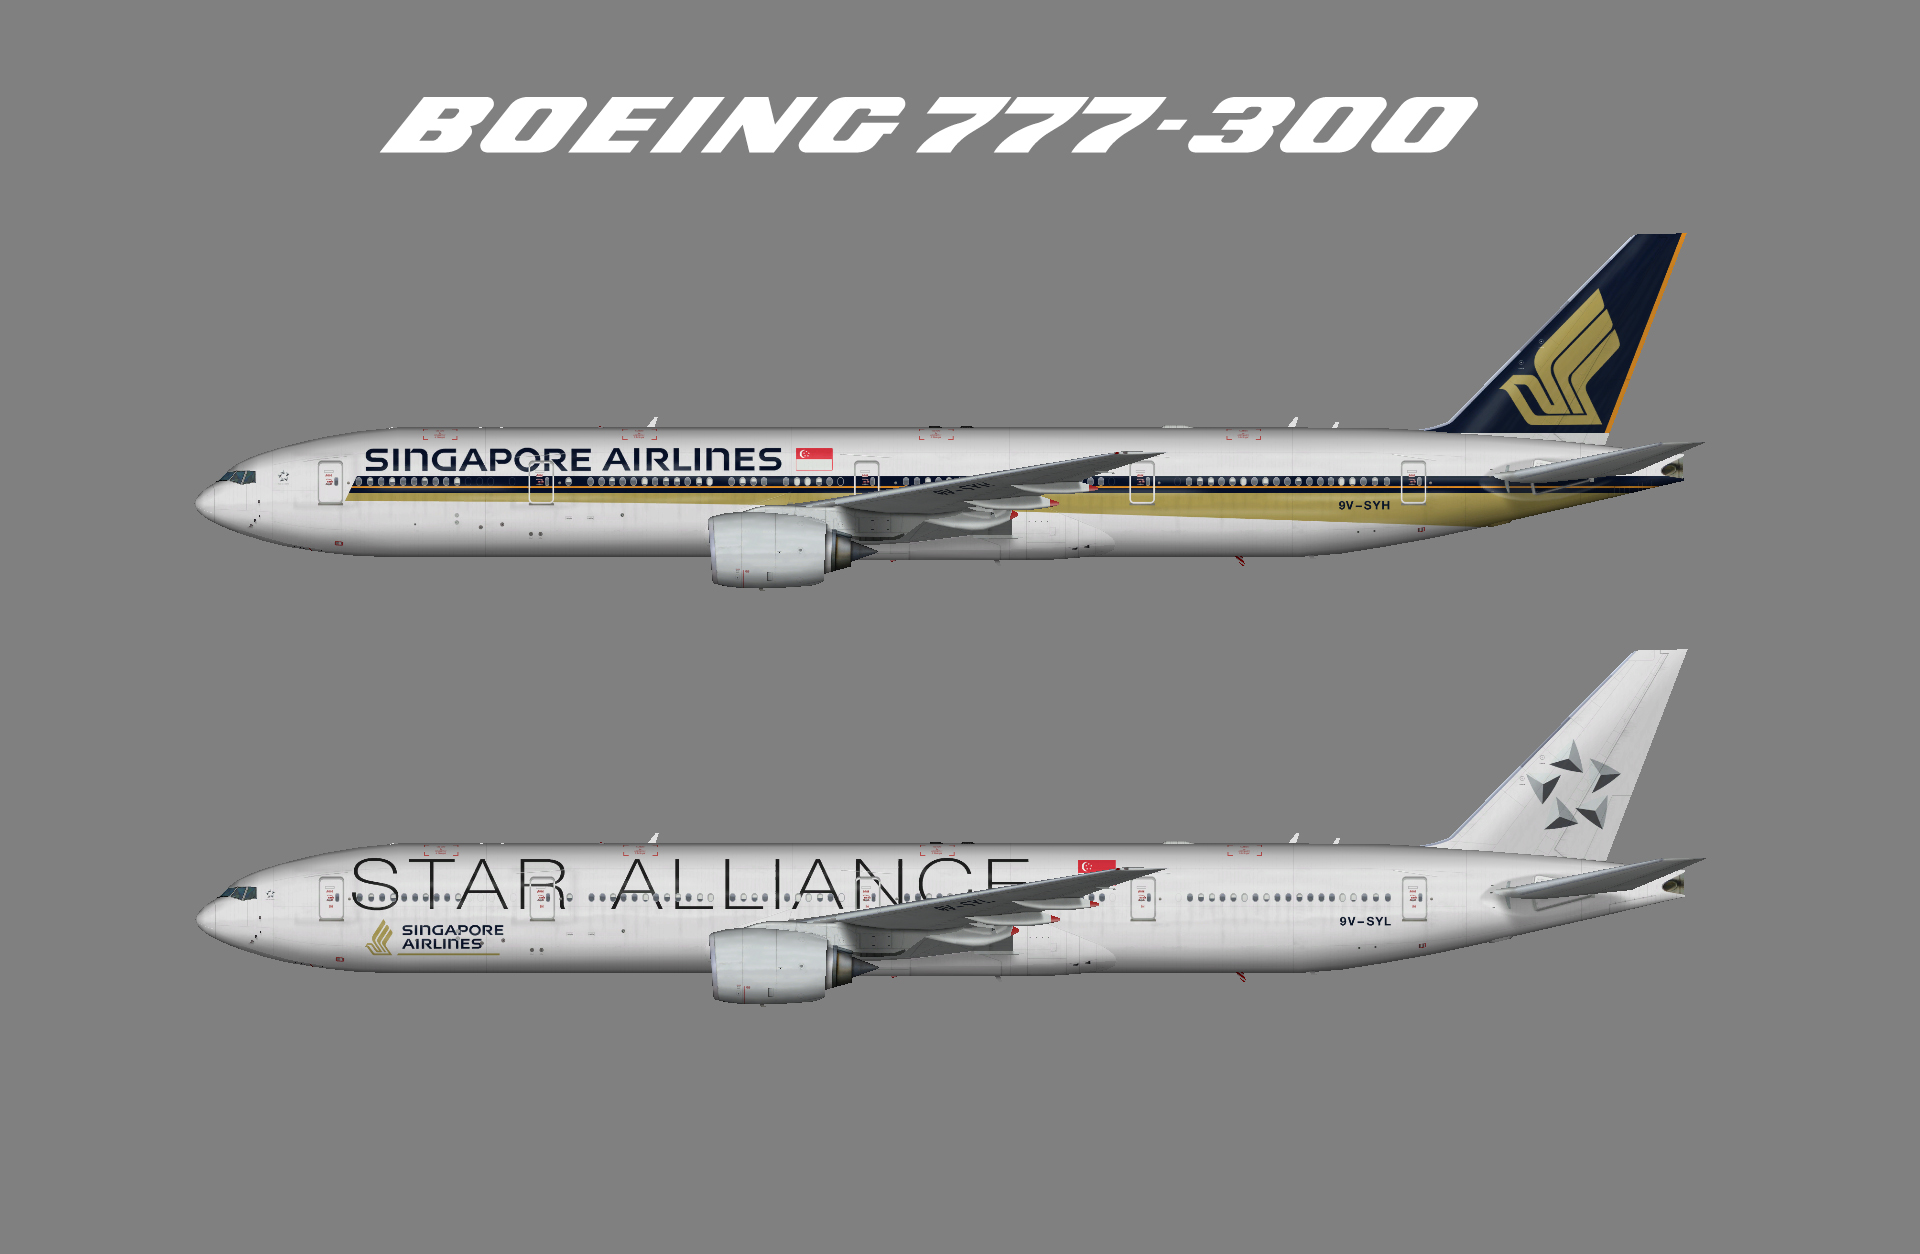 Singapore Airlines – Juergen's paint hangar